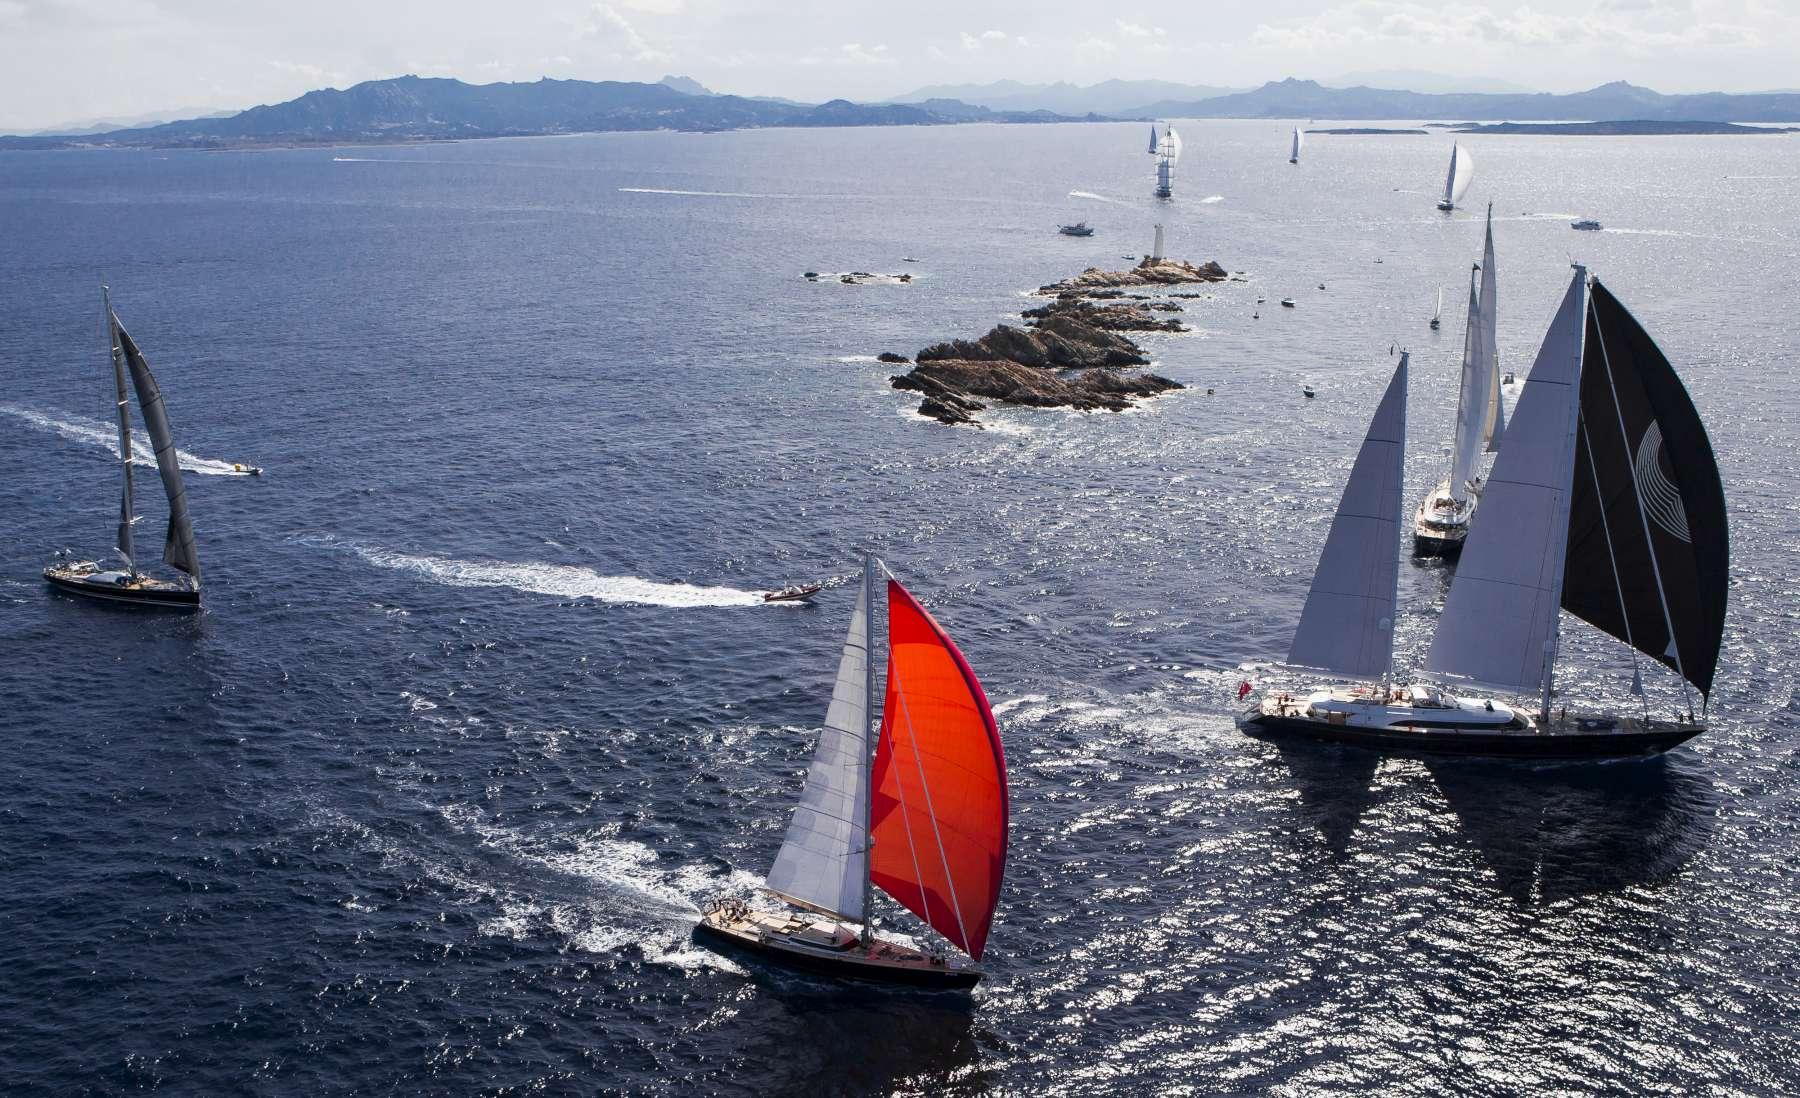 La Perini Navi Cup torna in scena a Porto Cervo - NEWS - Yacht Club Costa Smeralda